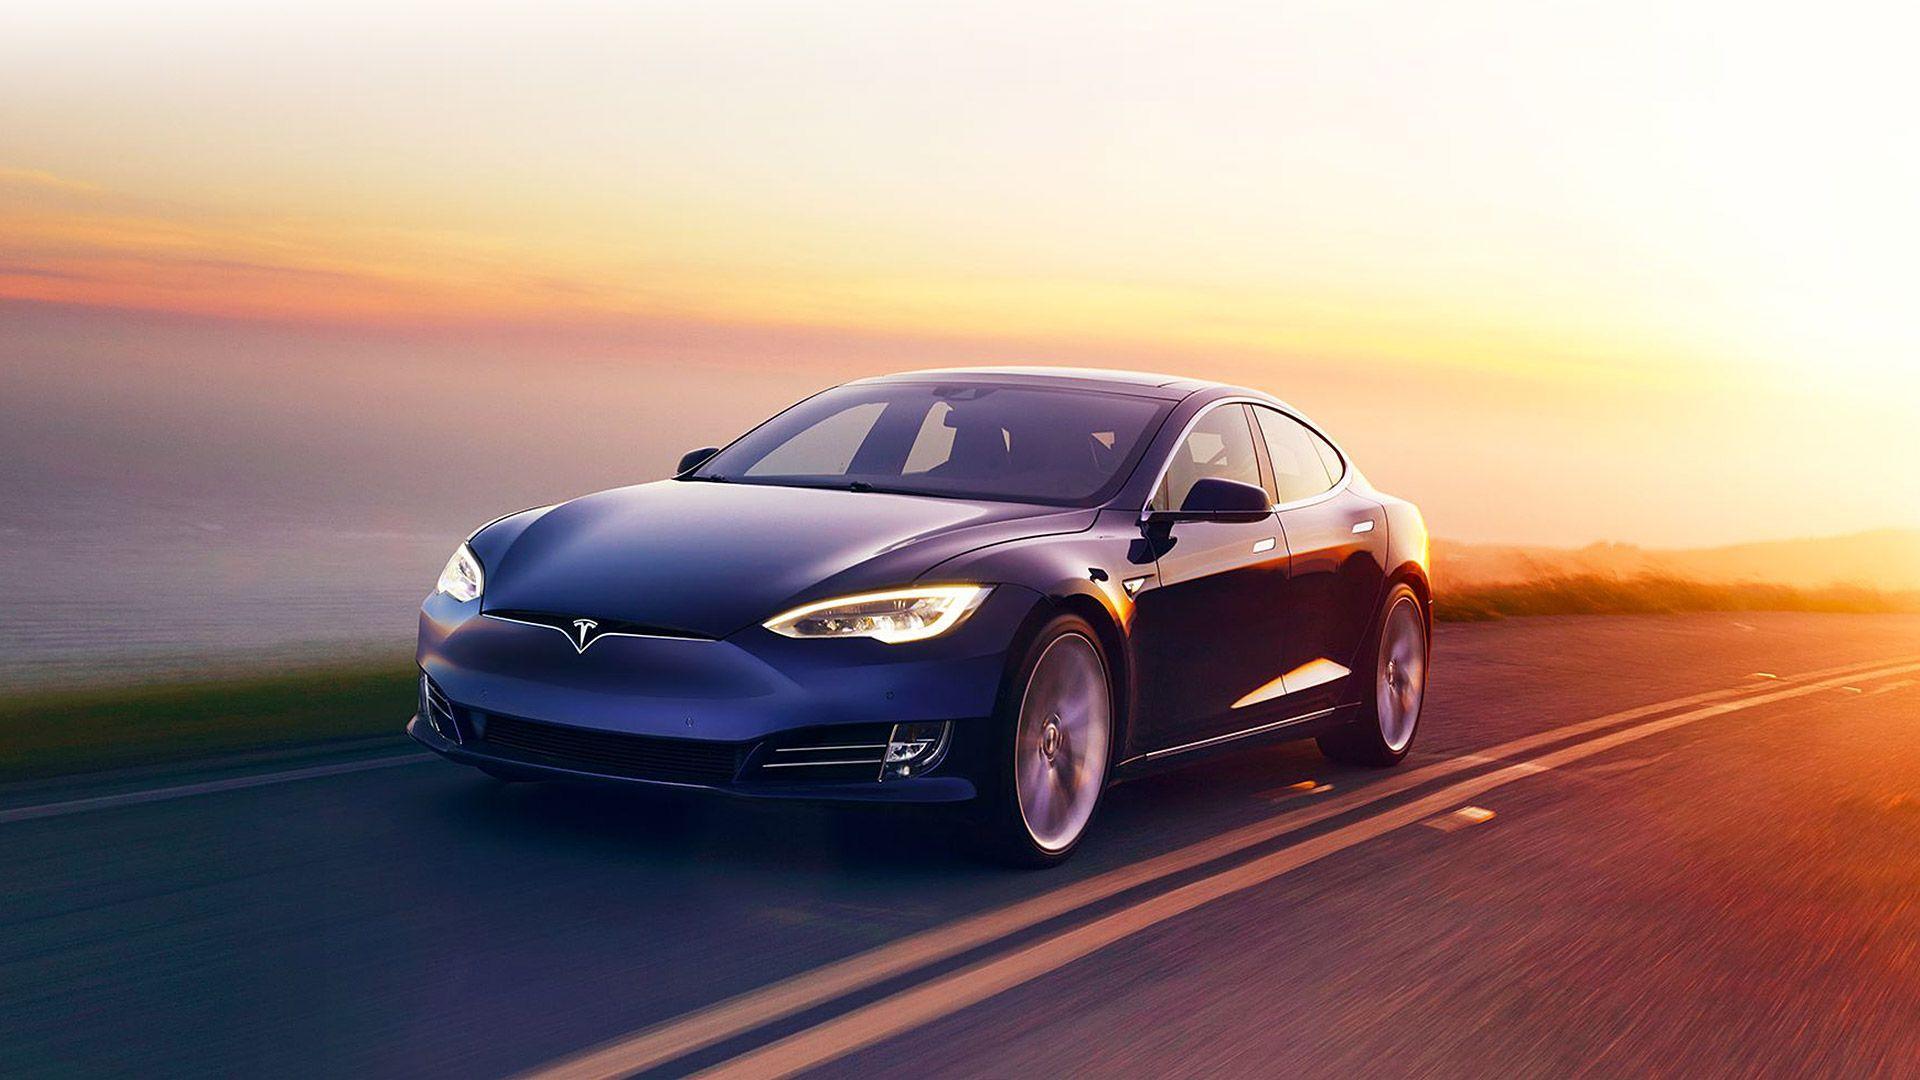 64400 Tesla Model S Wallpaper 1080p Hd